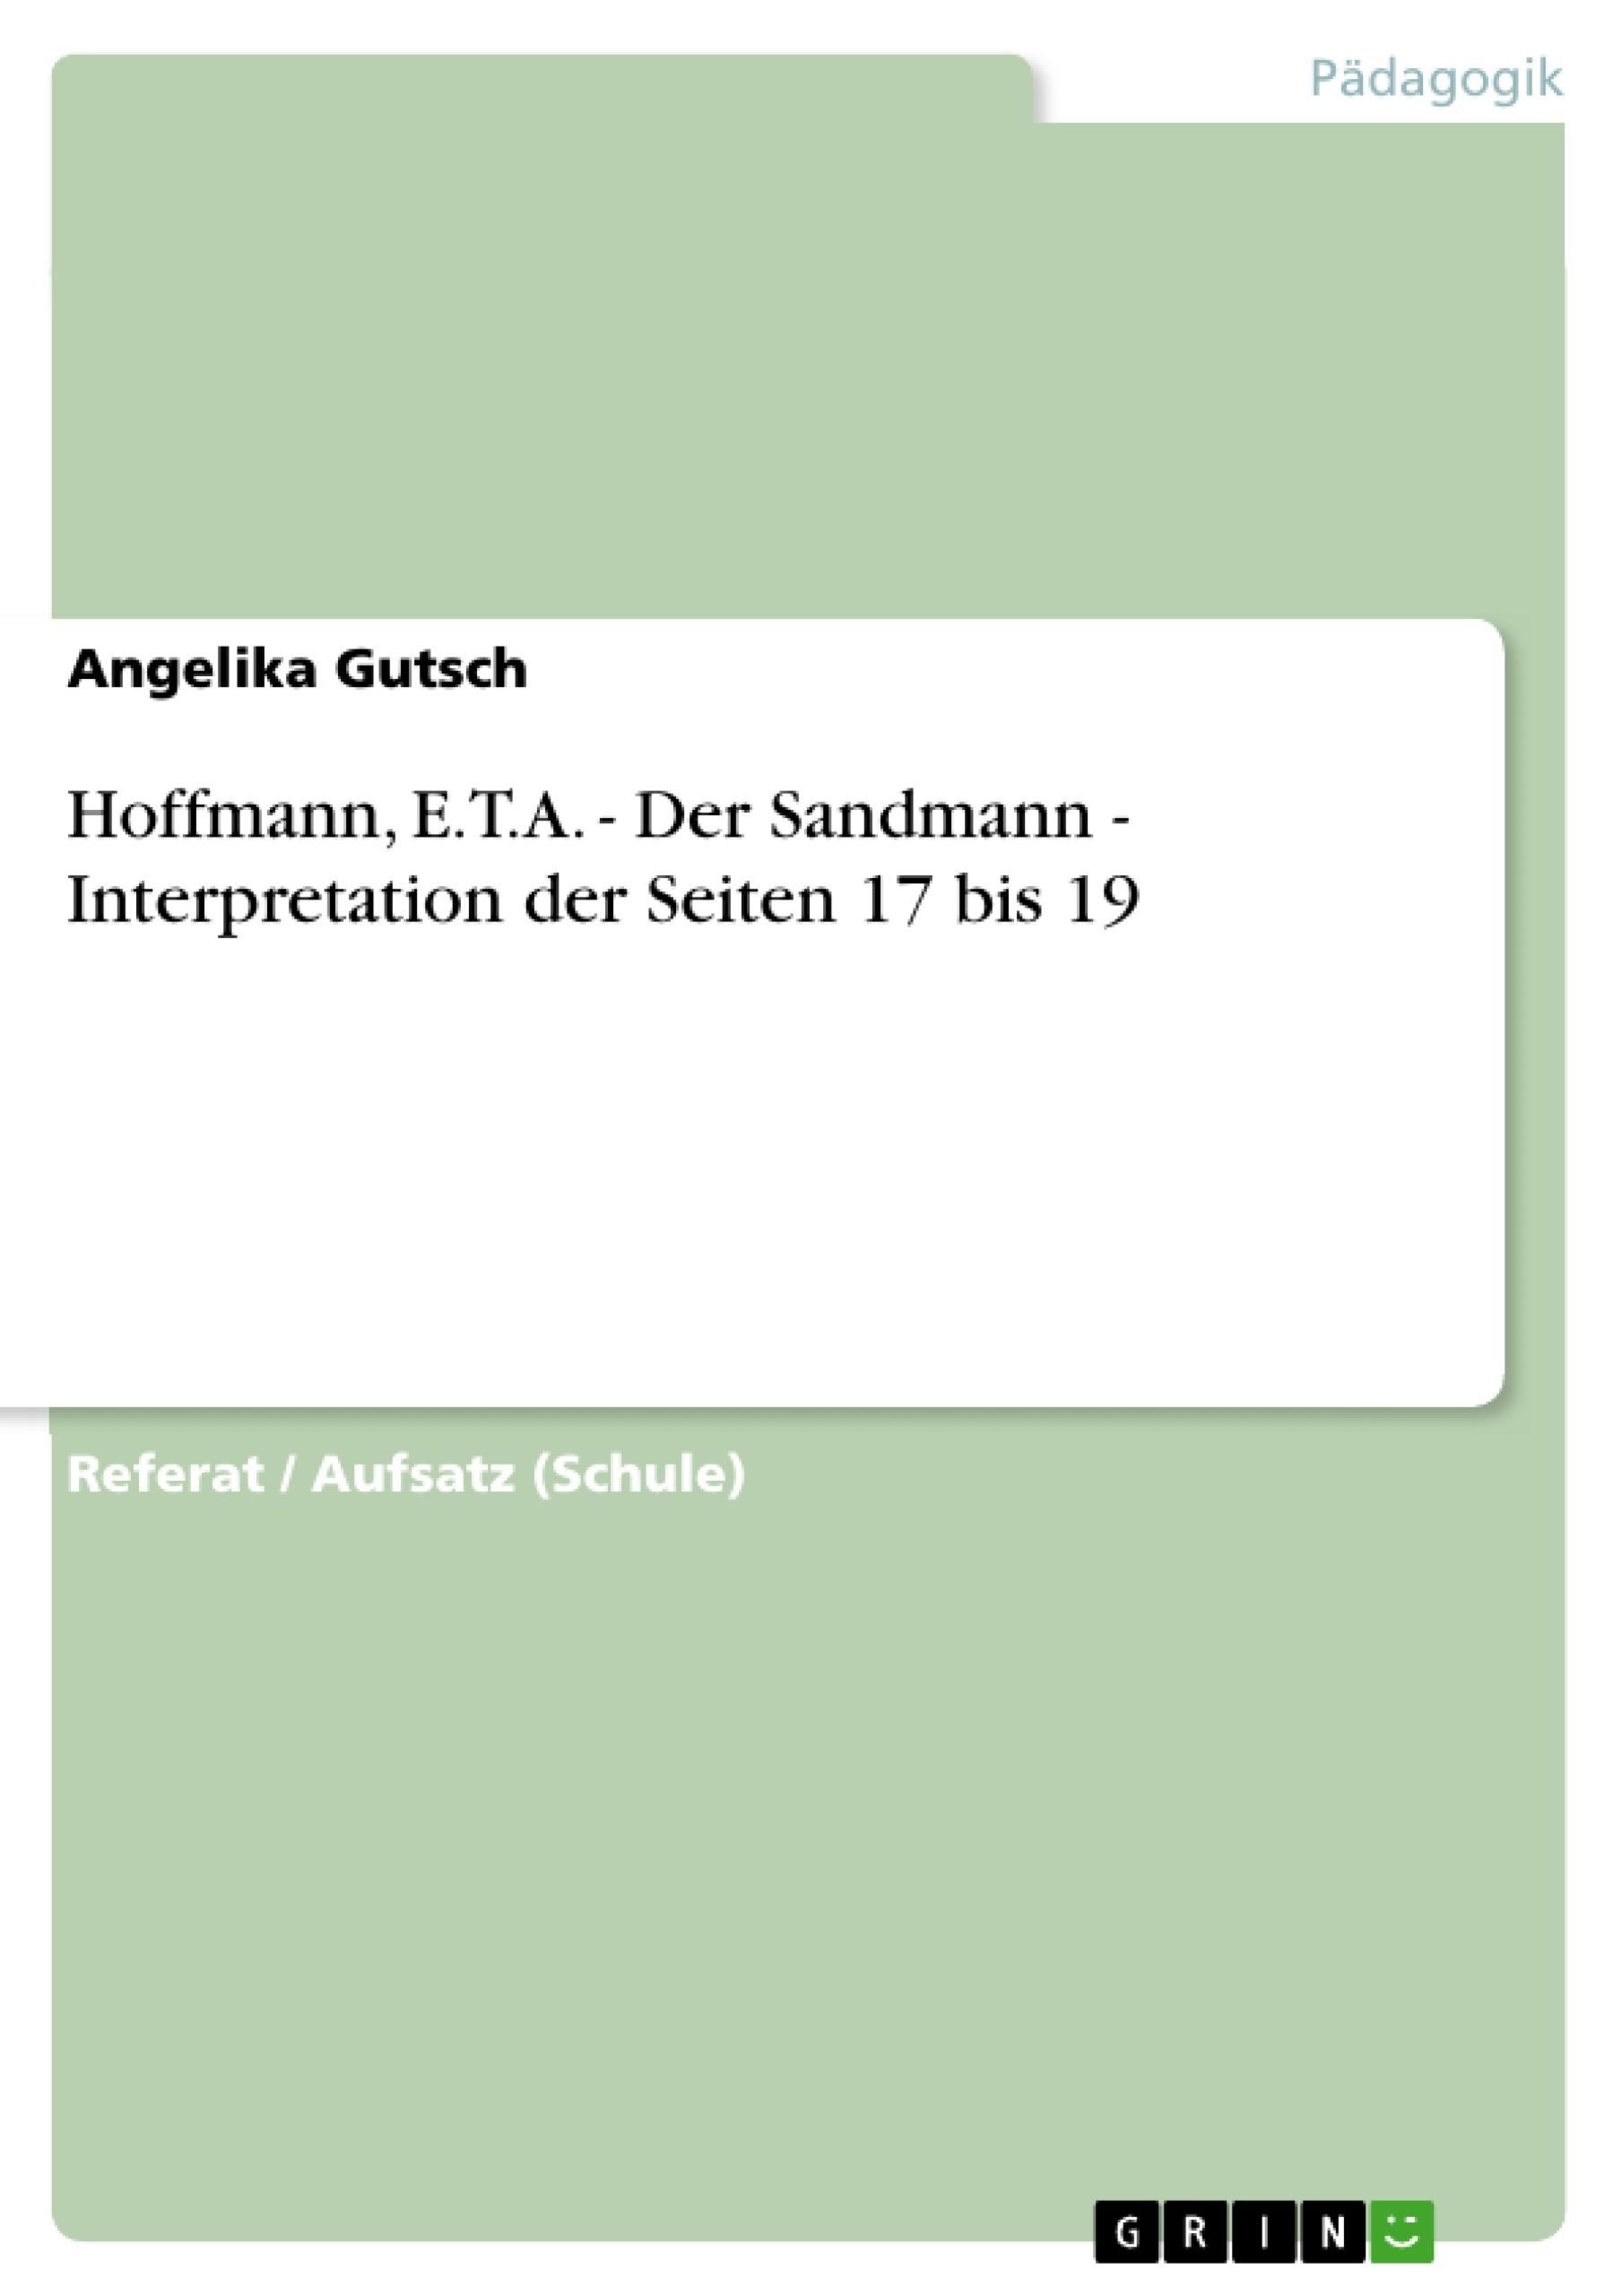 Titel: Hoffmann, E.T.A. - Der Sandmann - Interpretation der Seiten 17 bis 19